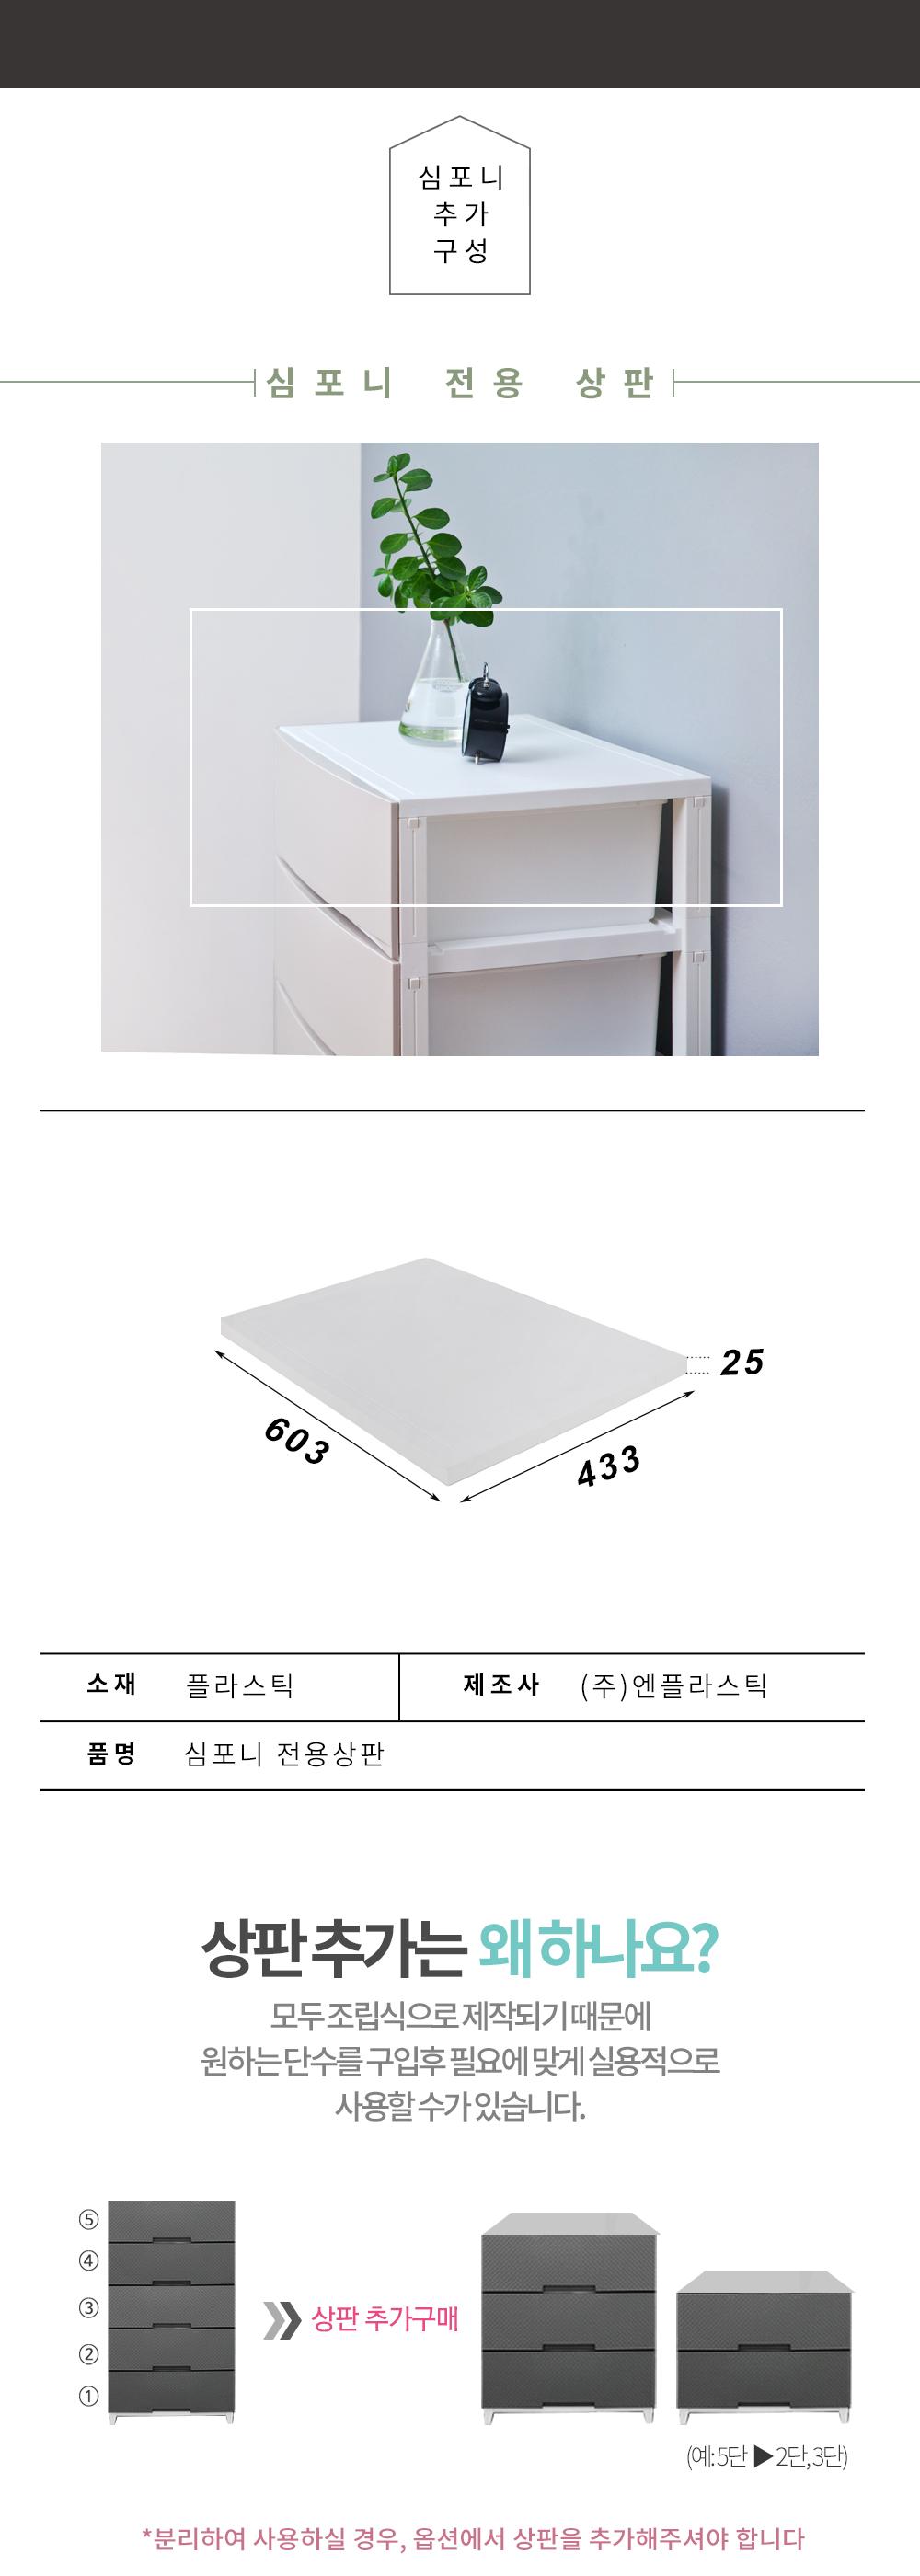 심포니서랍장 상판